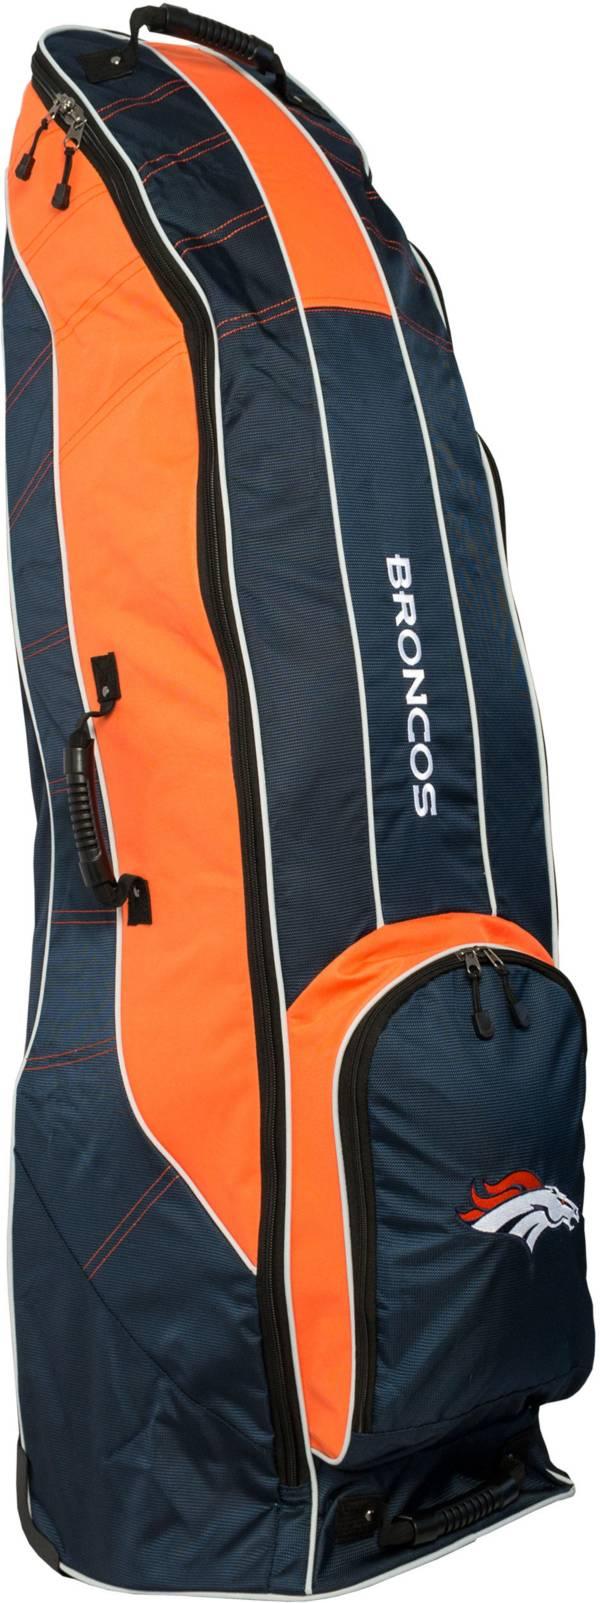 Team Golf Denver Broncos Travel Cover product image